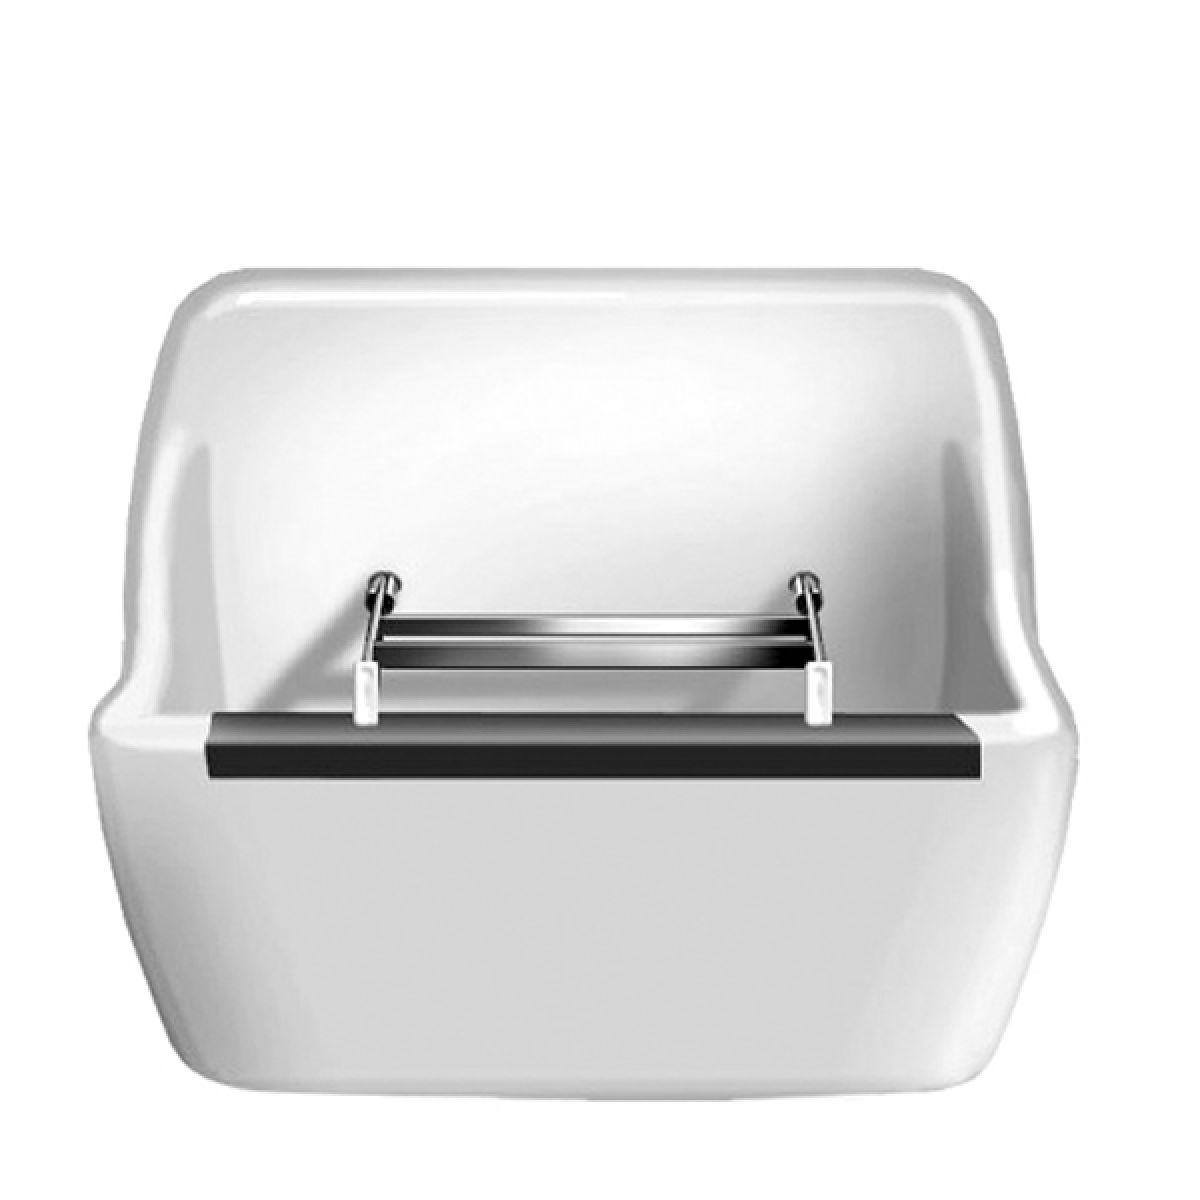 villeroy boch omnia pro service sink 6912 uk bathrooms. Black Bedroom Furniture Sets. Home Design Ideas